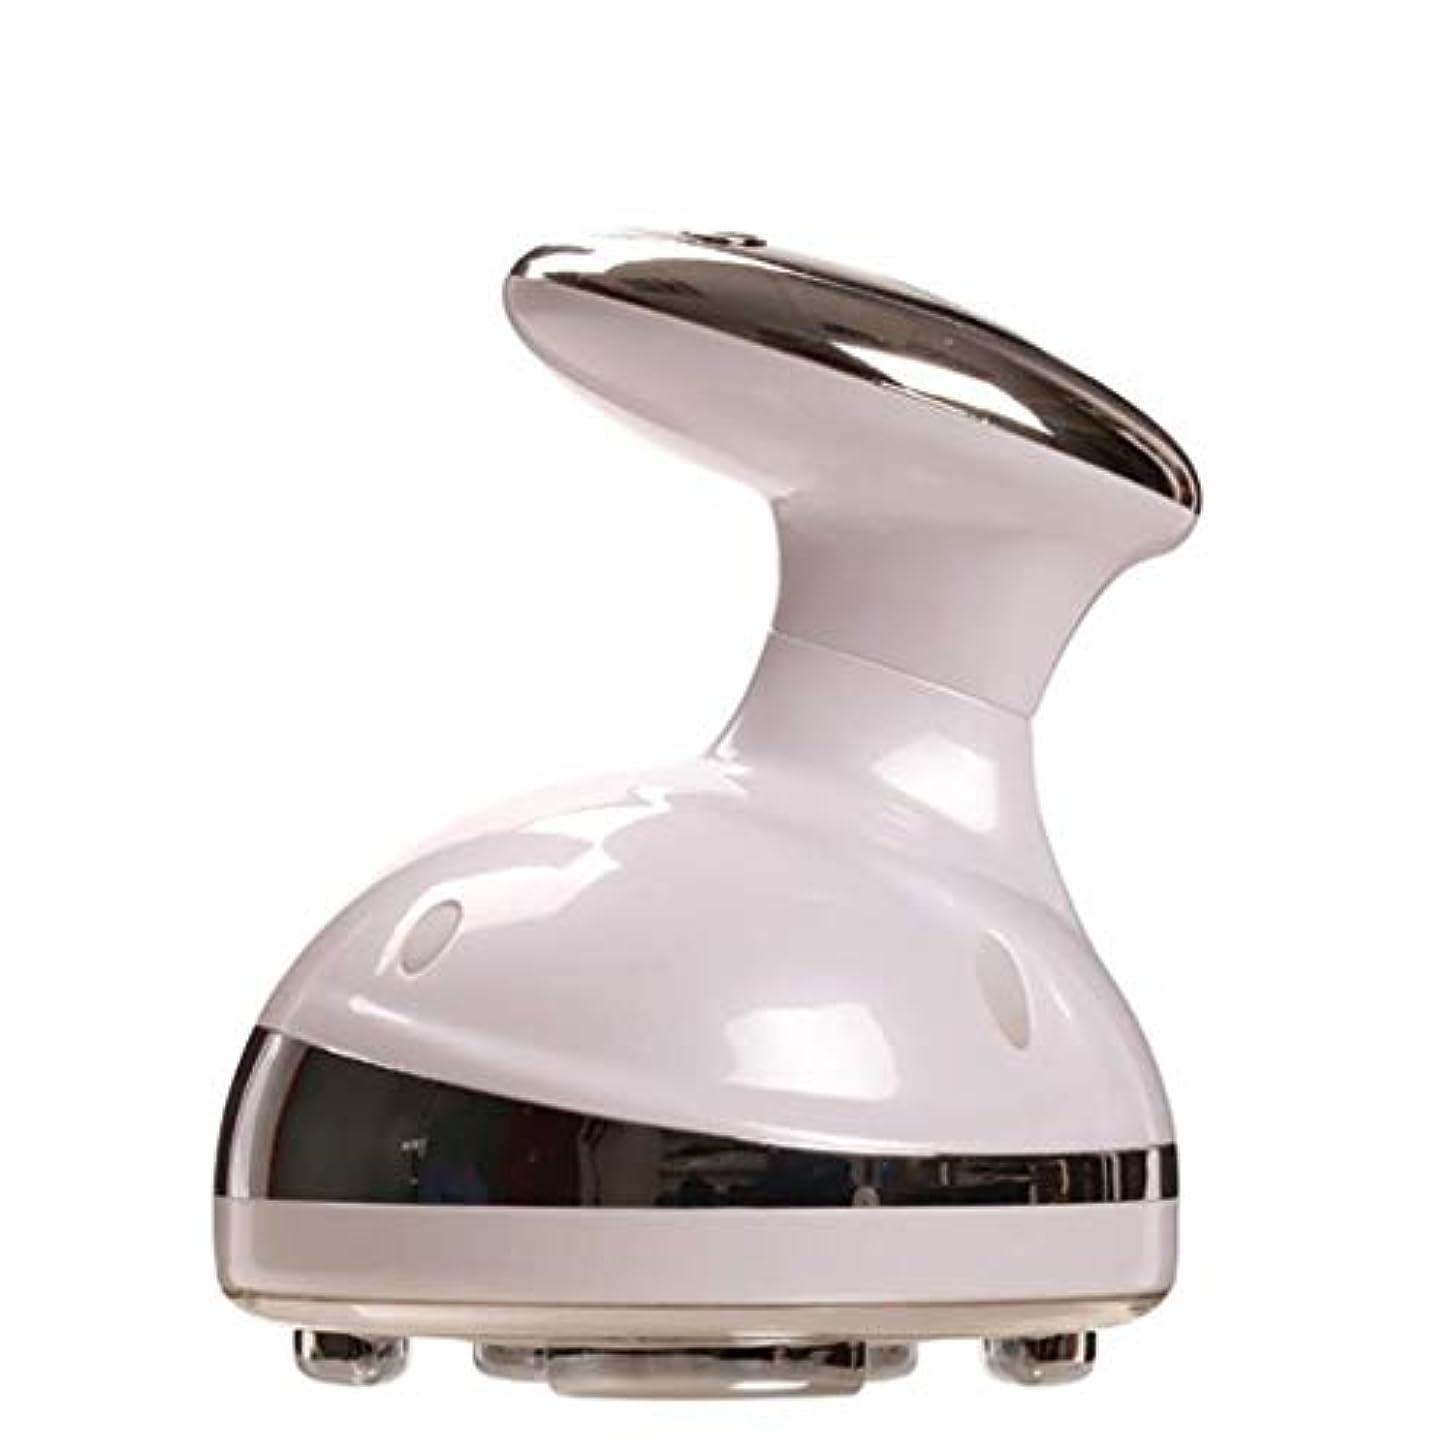 食べるくさび疎外するマッサージャー、多機能ボディ振動マッサージャー、ハンドヘルド減量マッサージャー、ホームオフィススポーツスマートLCDディスプレイ、ユニセックス (Color : 白)